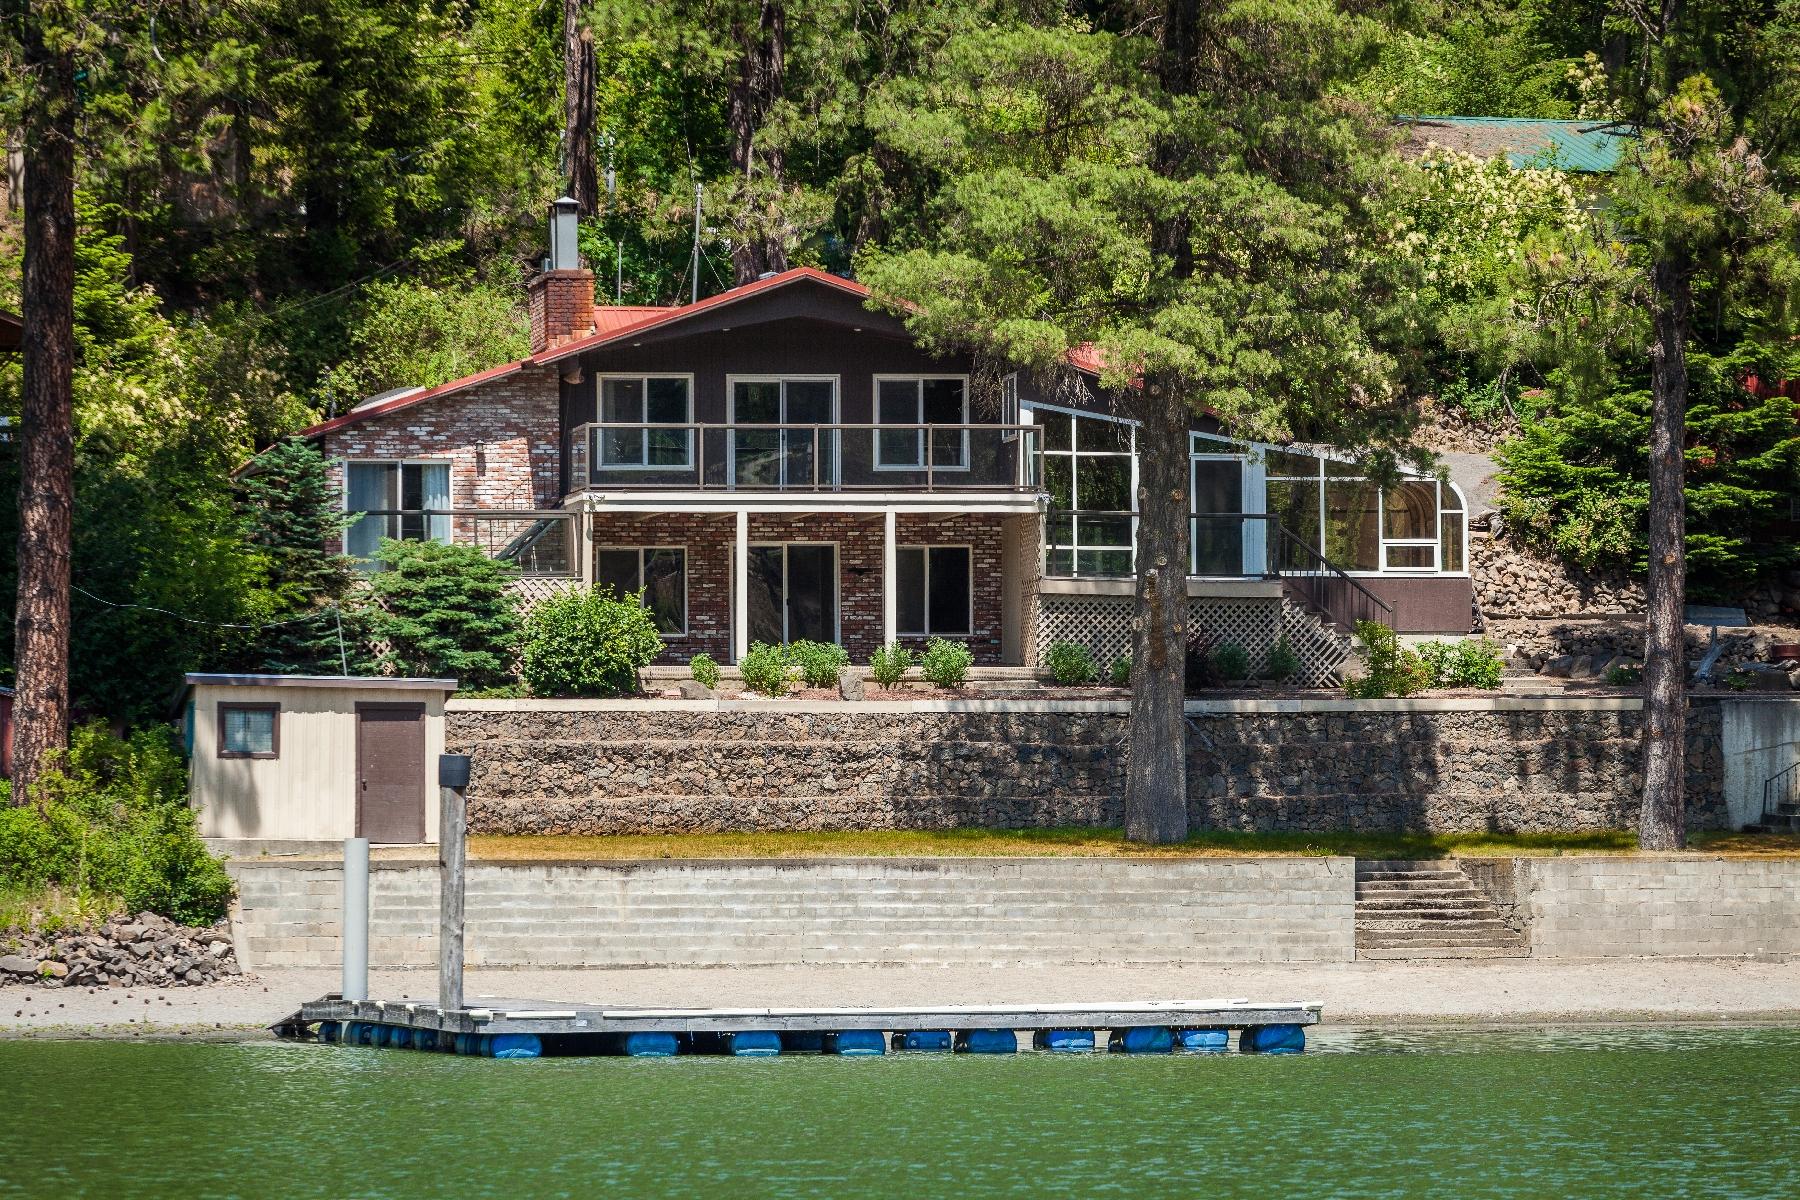 단독 가정 주택 용 매매 에 Lake Coeur d'Alene Waterfront 4052 S Westway Dr Coeur D Alene, 아이다호, 83814 미국